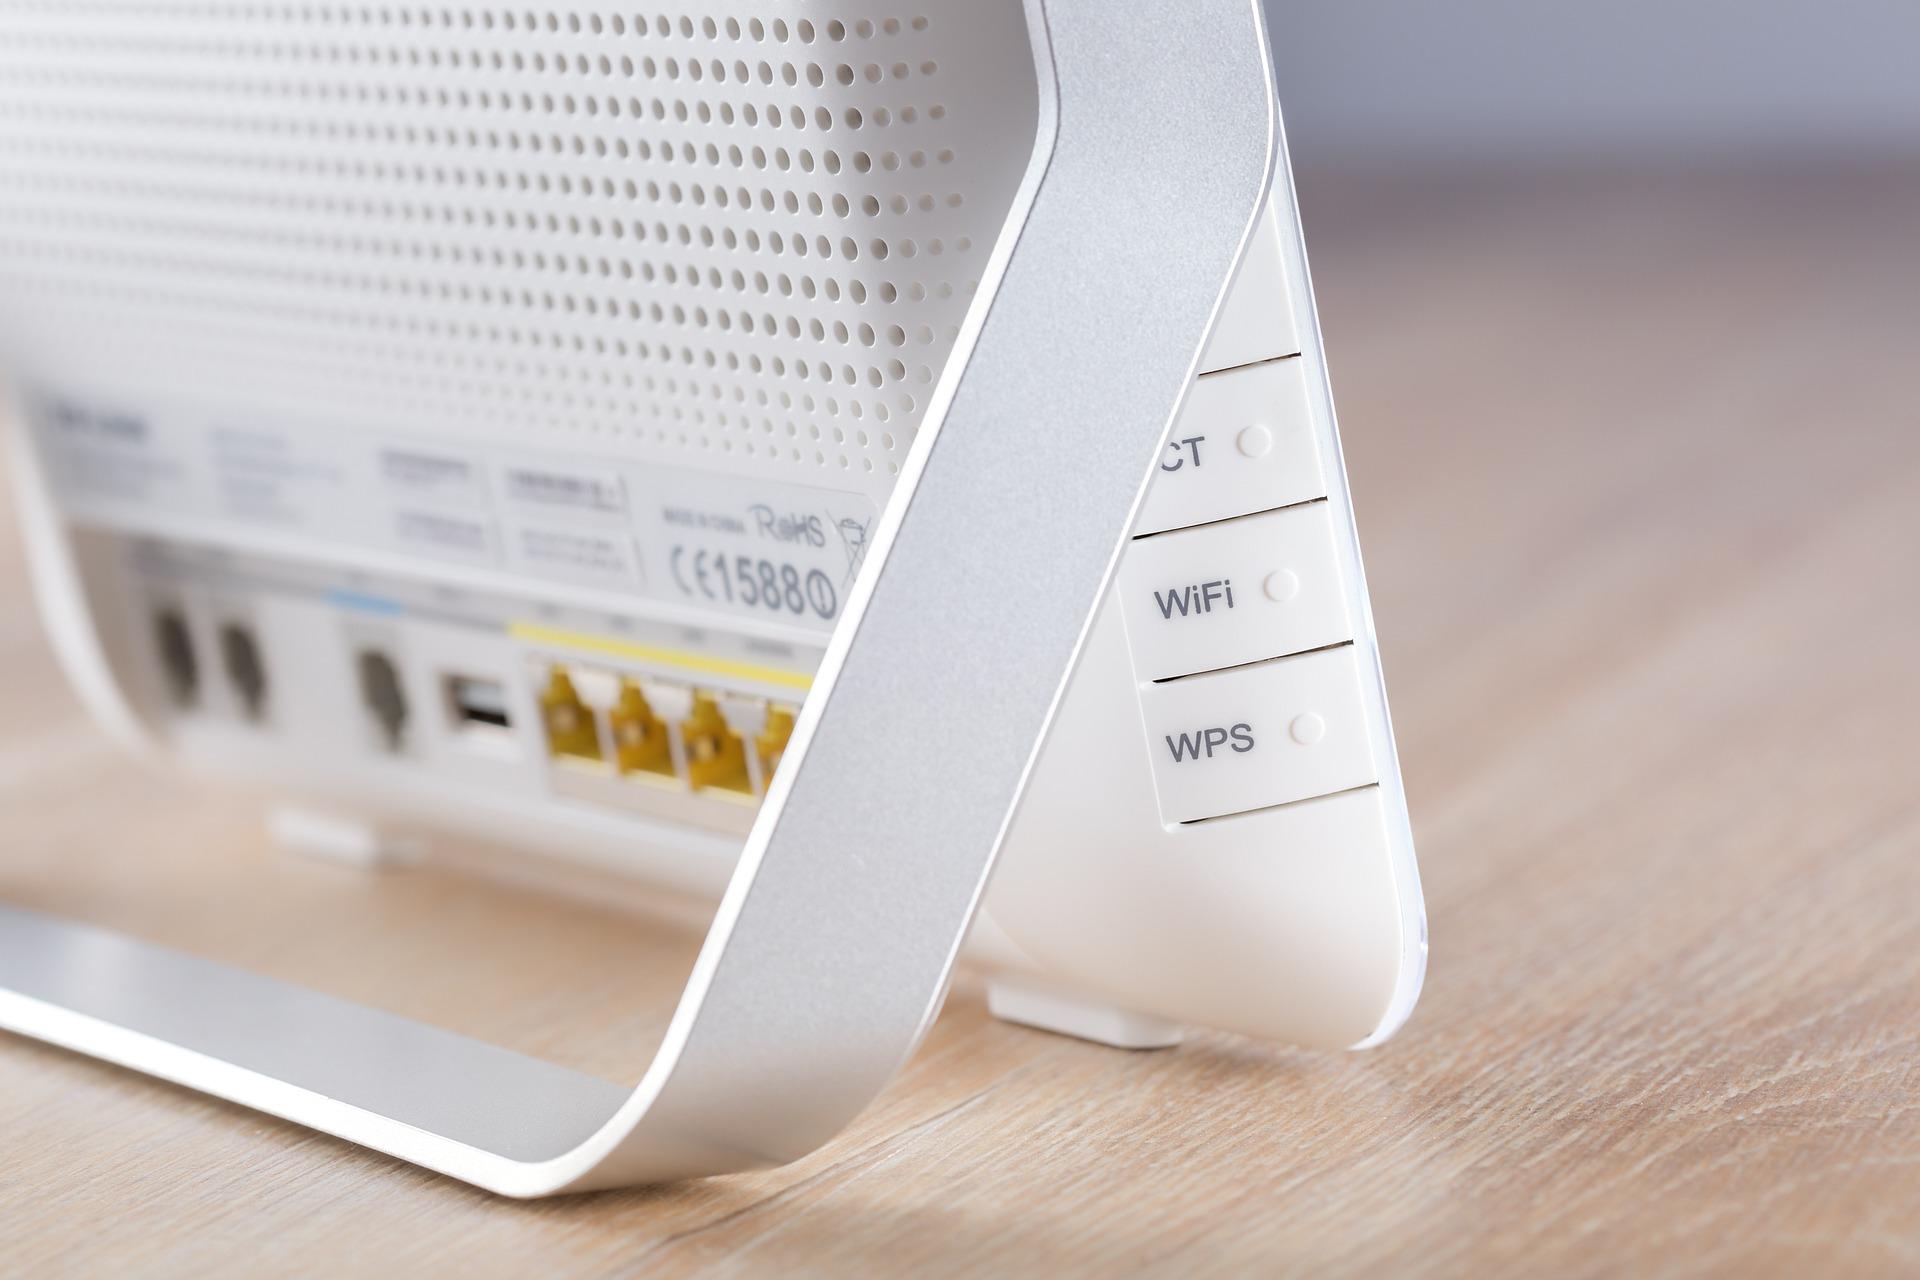 Wireless Meshing Fun with Meraki